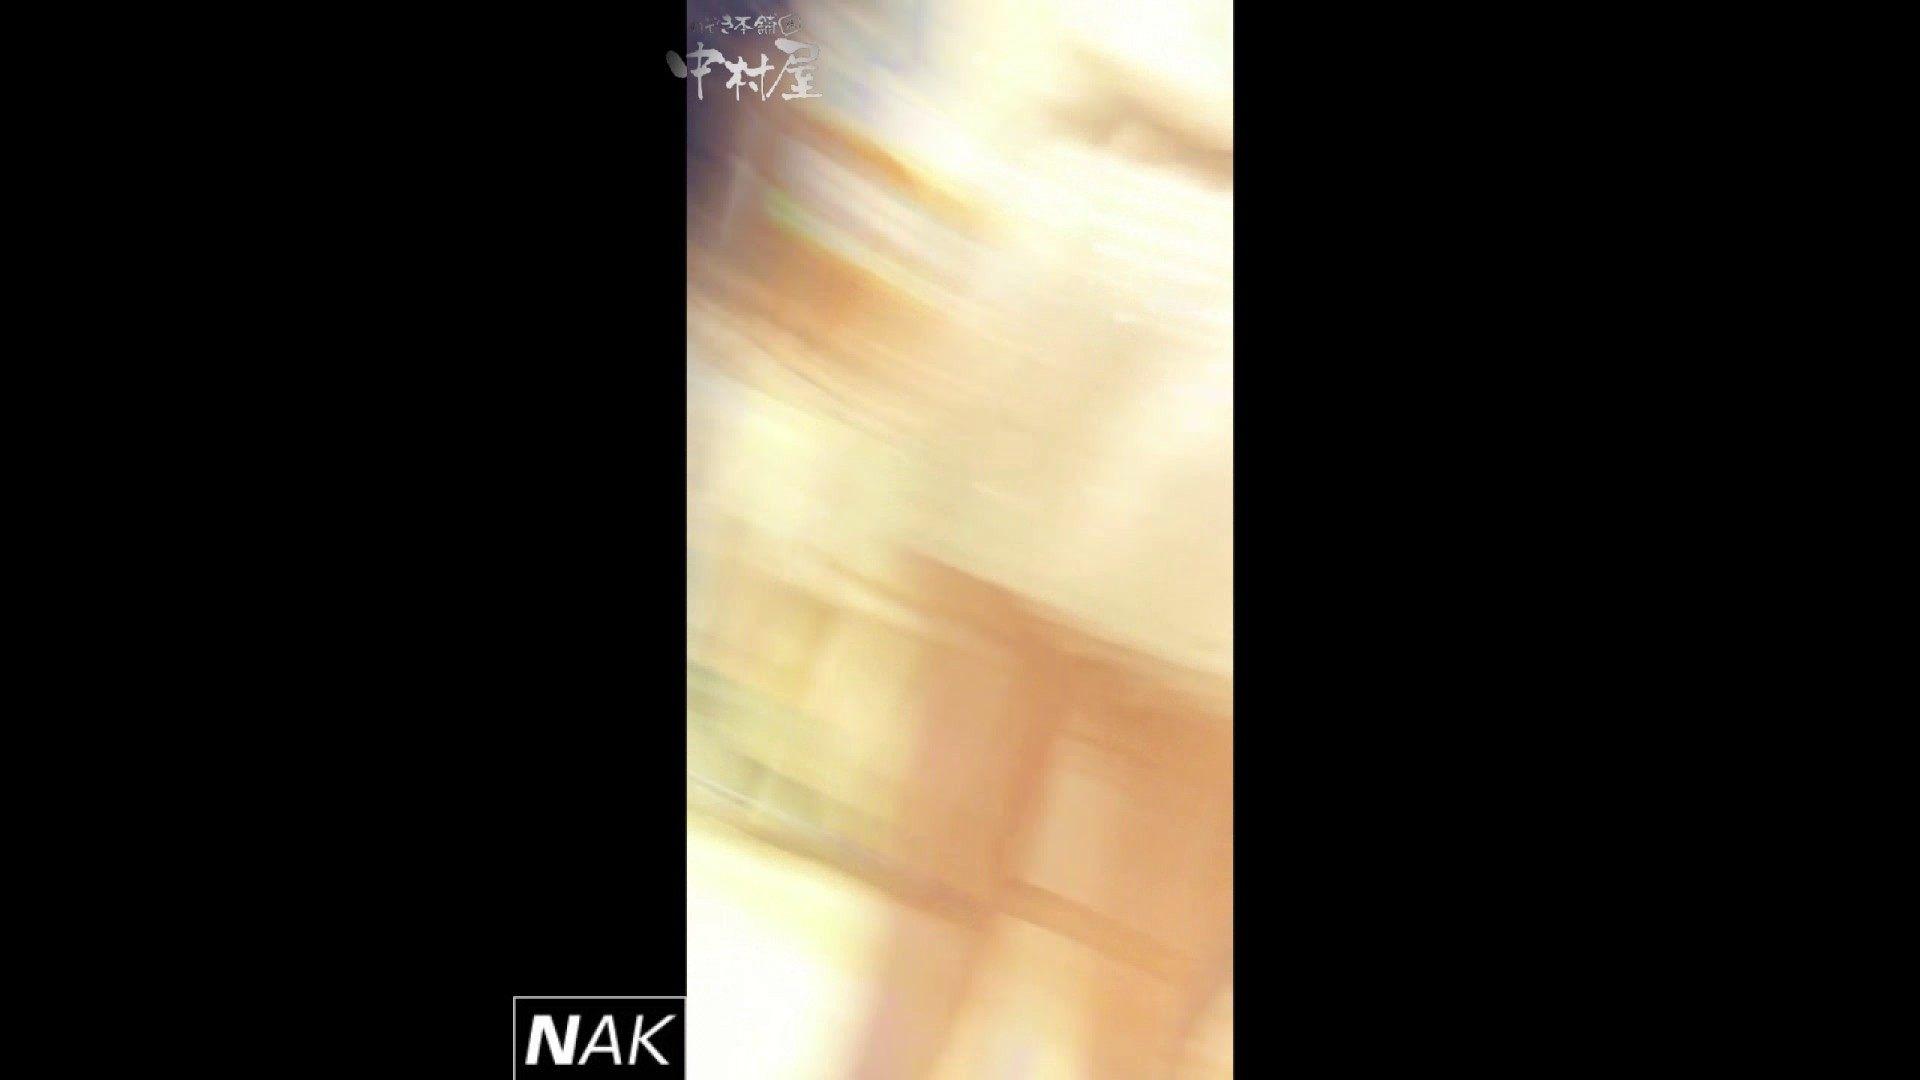 ハイビジョン盗撮!ショップ店員千人斬り!パンチラ編 vol.14 オマタ   盗撮  86pic 41